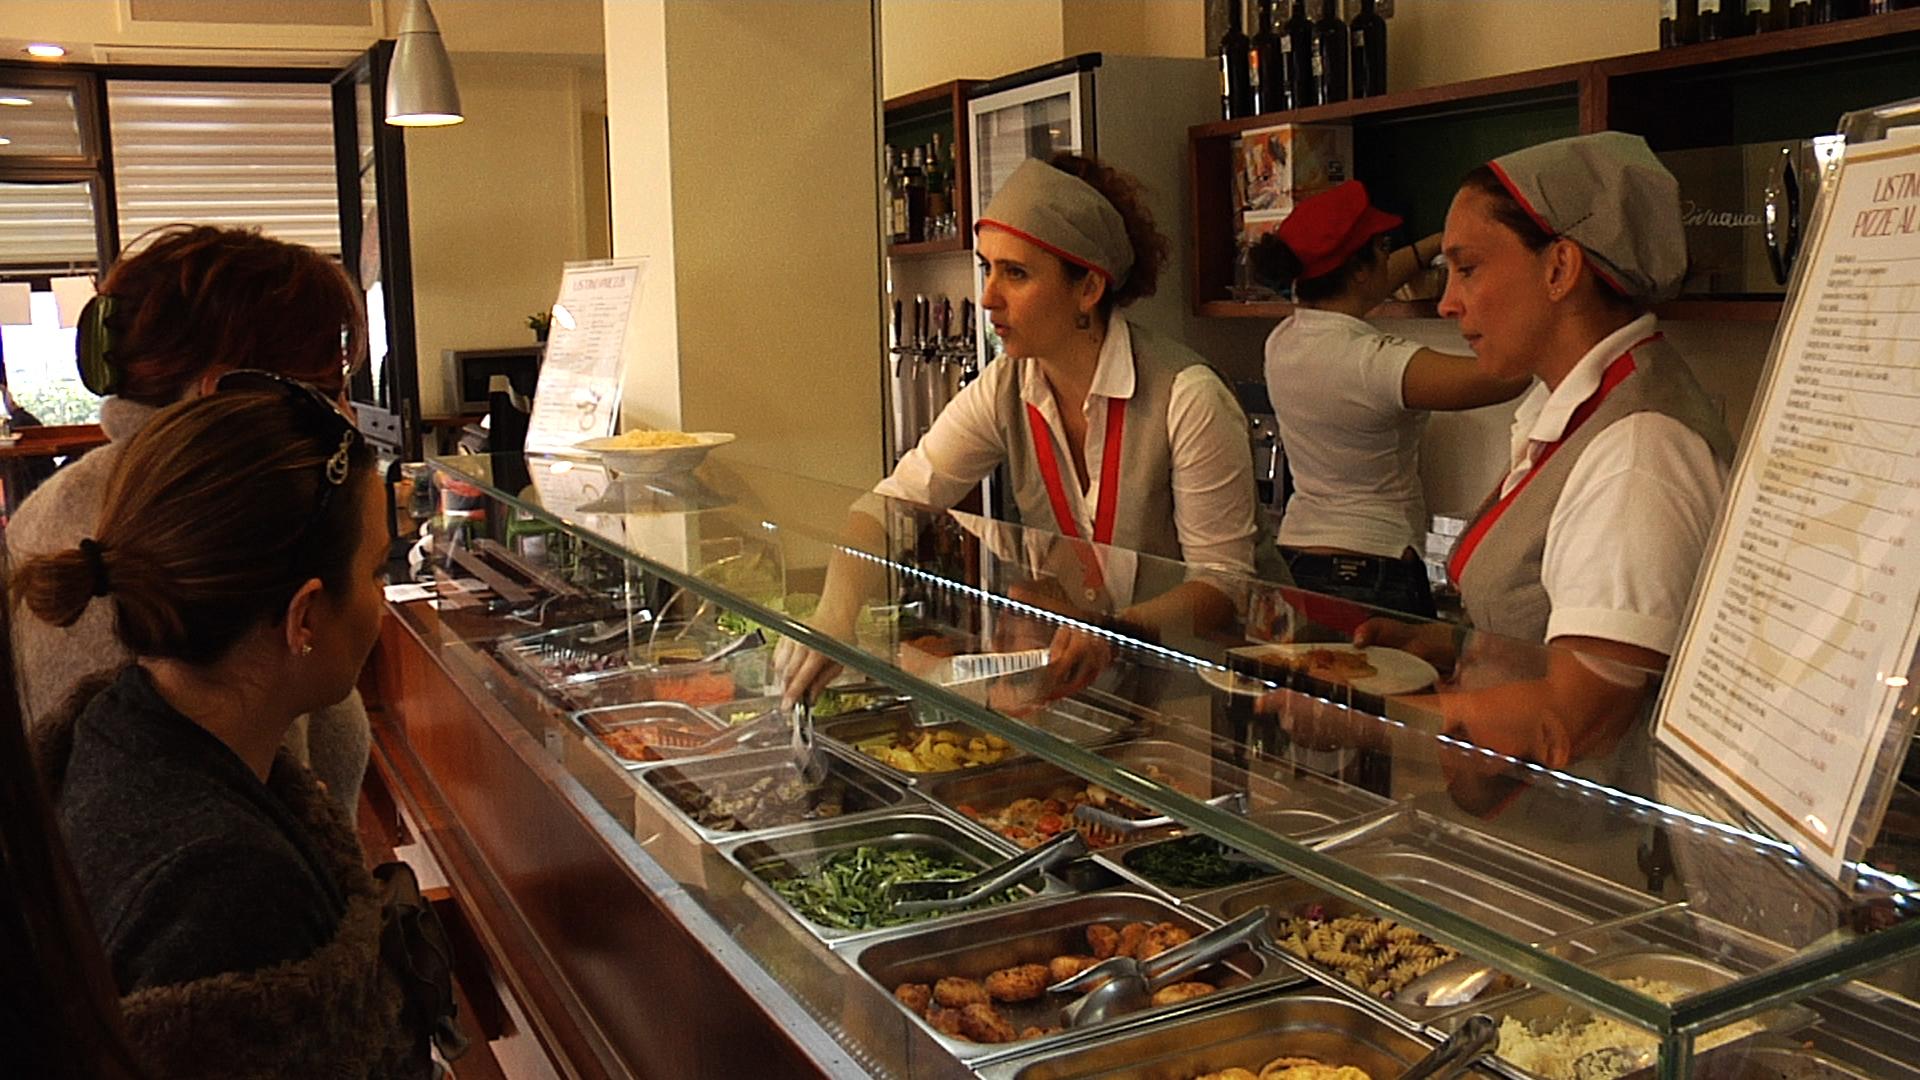 La pizzeria del Borgo. Per una pausa pranzo gustosa e genuina